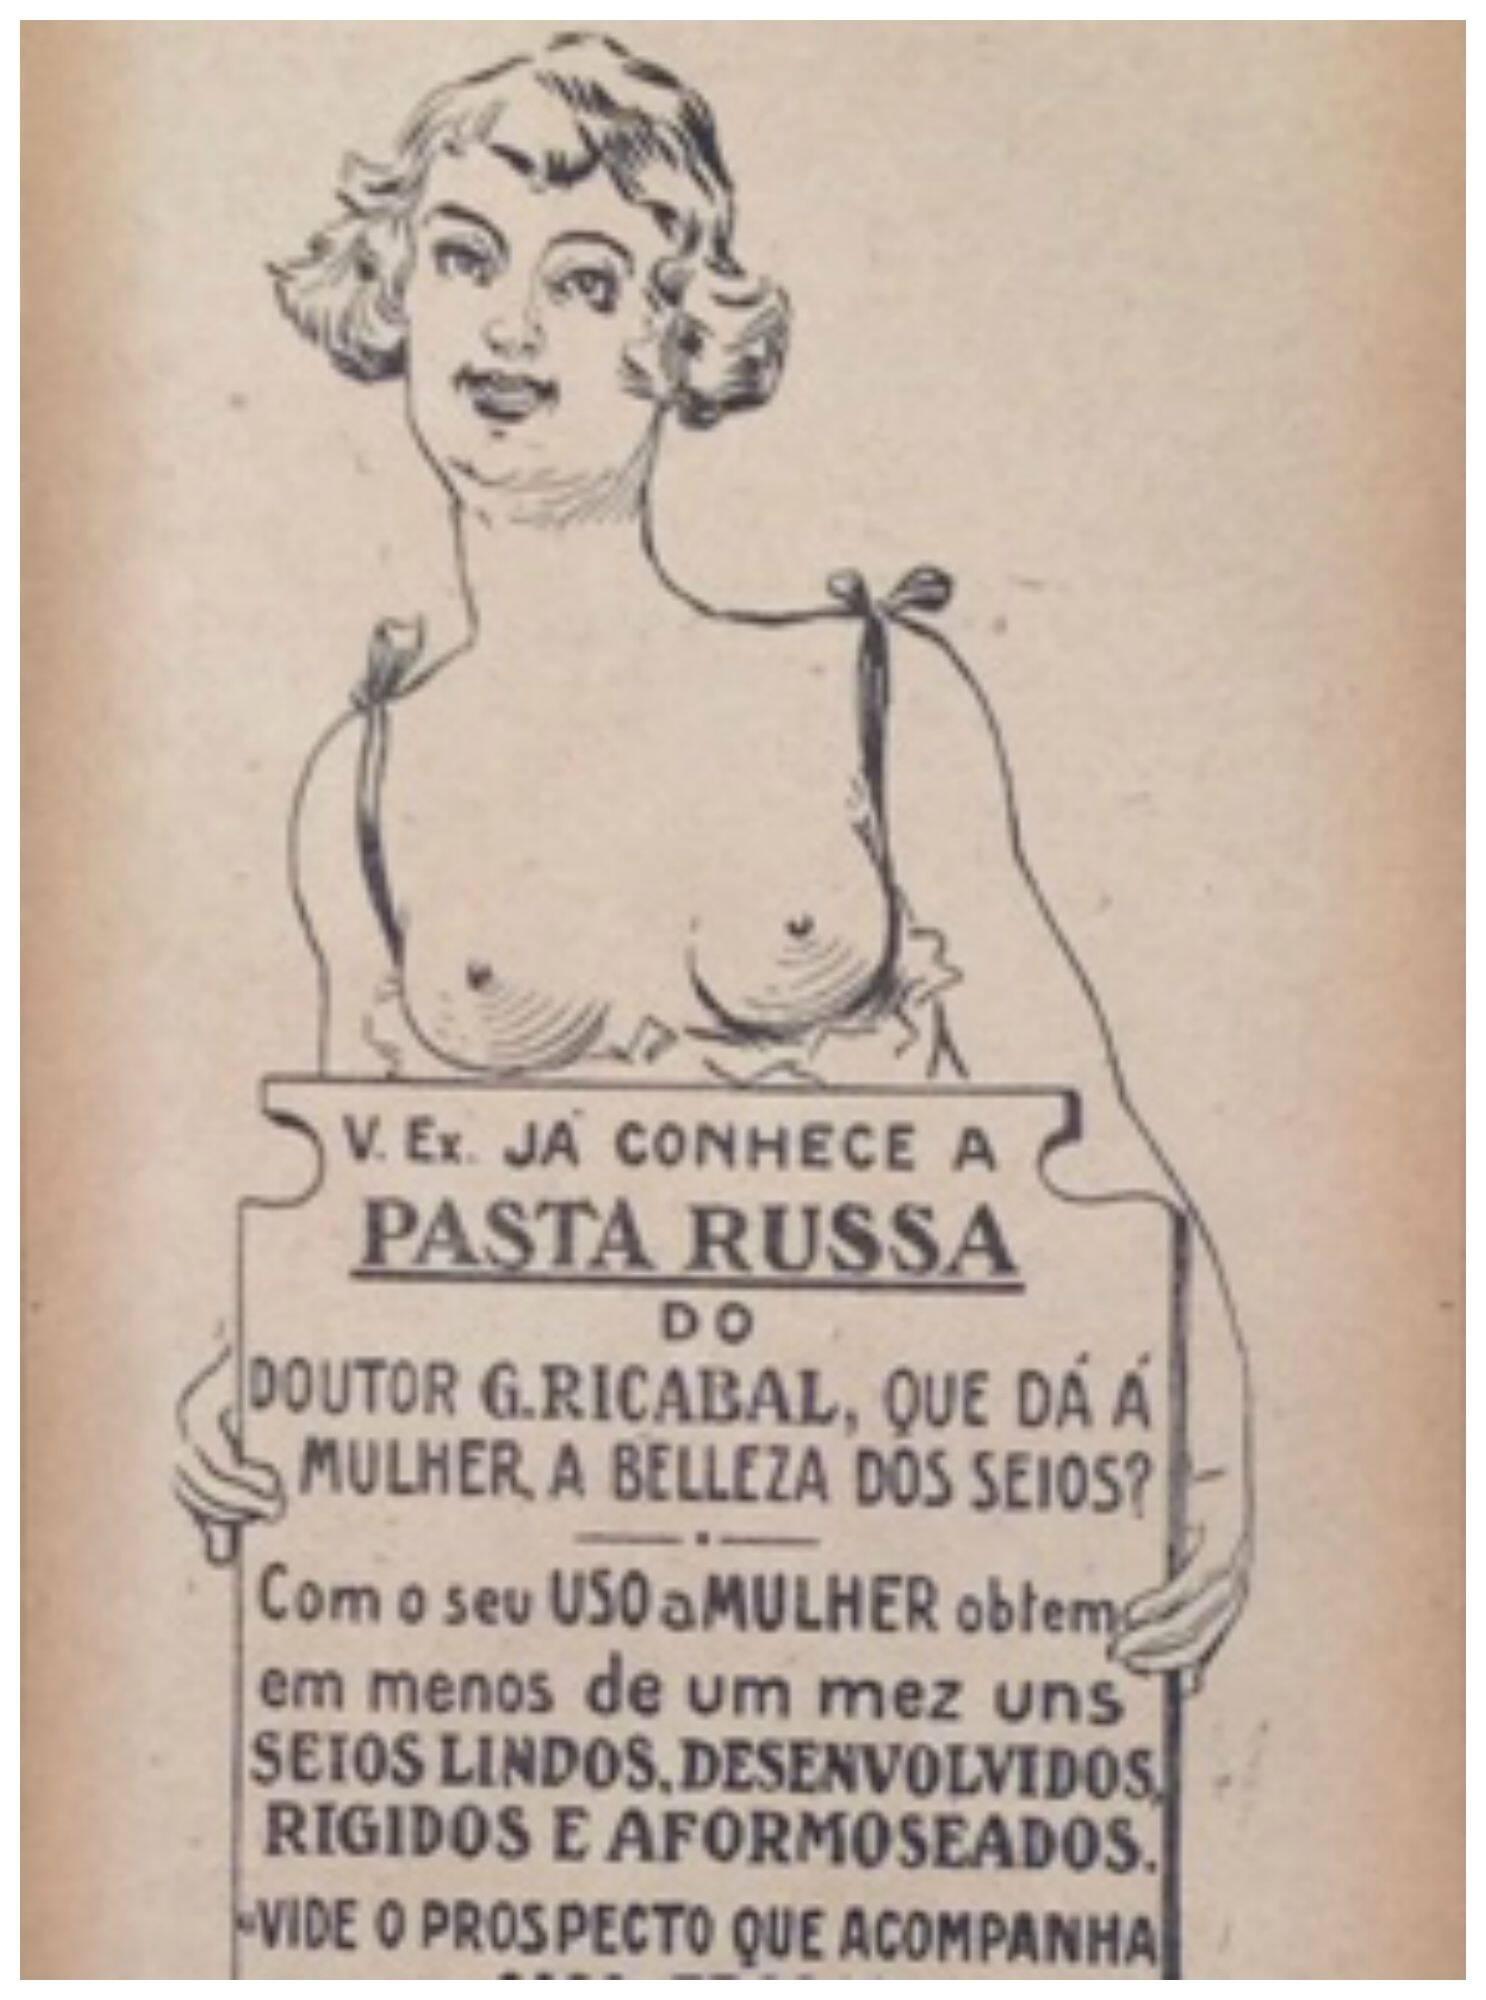 Pasta Russa